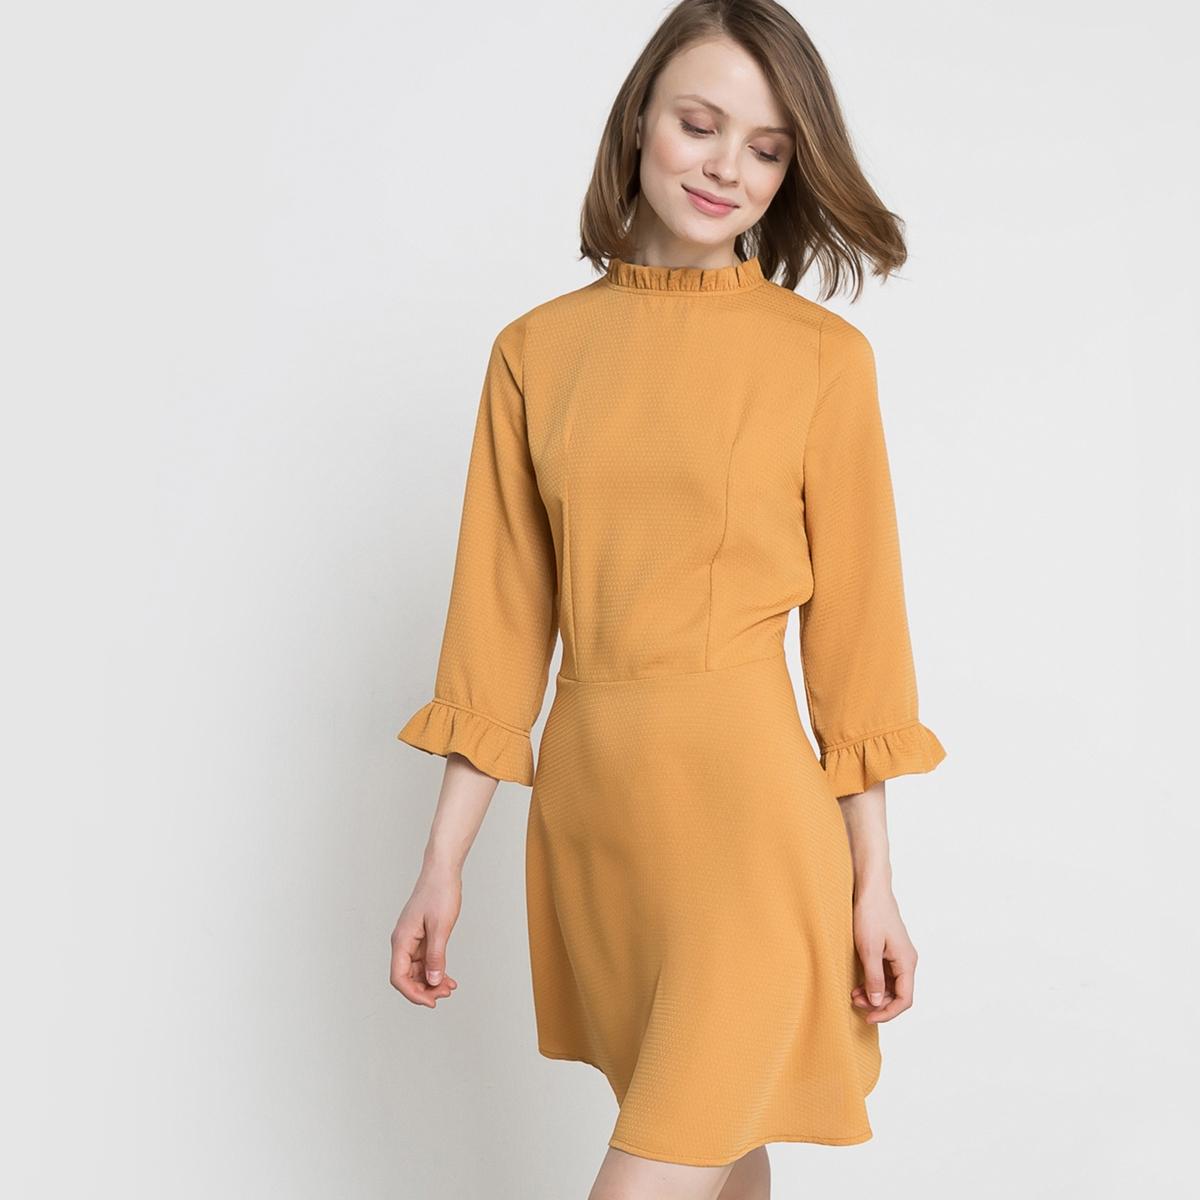 Платье с гофрированным эффектомПлатье с гофрированным эффектом. Небольшой викторианский воротник  . Рукава 3/4 с воланом снизу. Отрезное по талии. Вырез-капелька с застежкой на пуговицу сзади.Состав и описание : Материал: 100% полиэстераДлина 90 смМарка: Mademoiselle R. Уход :Машинная стирка при 30 °C с вещами схожих цветов.Стирка и глажка с изнаночной стороны..Машинная сушка на умеренном режиме..Гладить на низкой температуре..<br><br>Цвет: охра,темно-синий<br>Размер: 44 (FR) - 50 (RUS).42 (FR) - 48 (RUS)